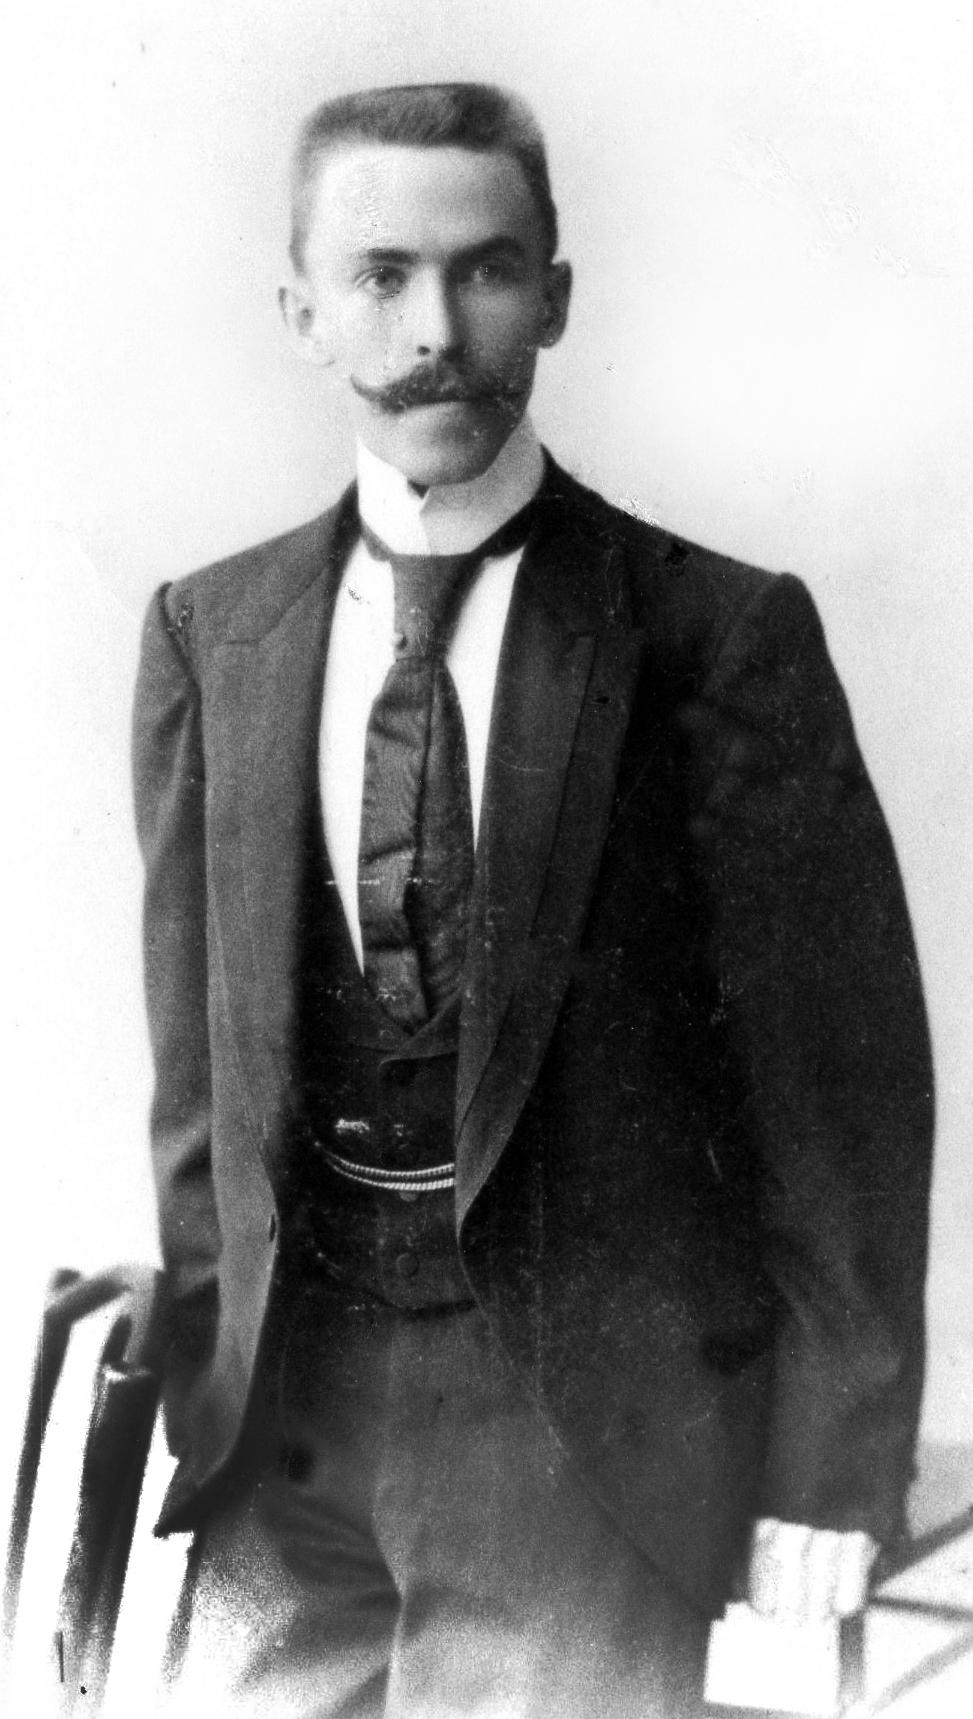 Константин Павлович Головкин (род. 17 декабря (старый стиль) 1871 (Самара) — умер 26 февраля 1925) — самарский купец, меценат и художник.